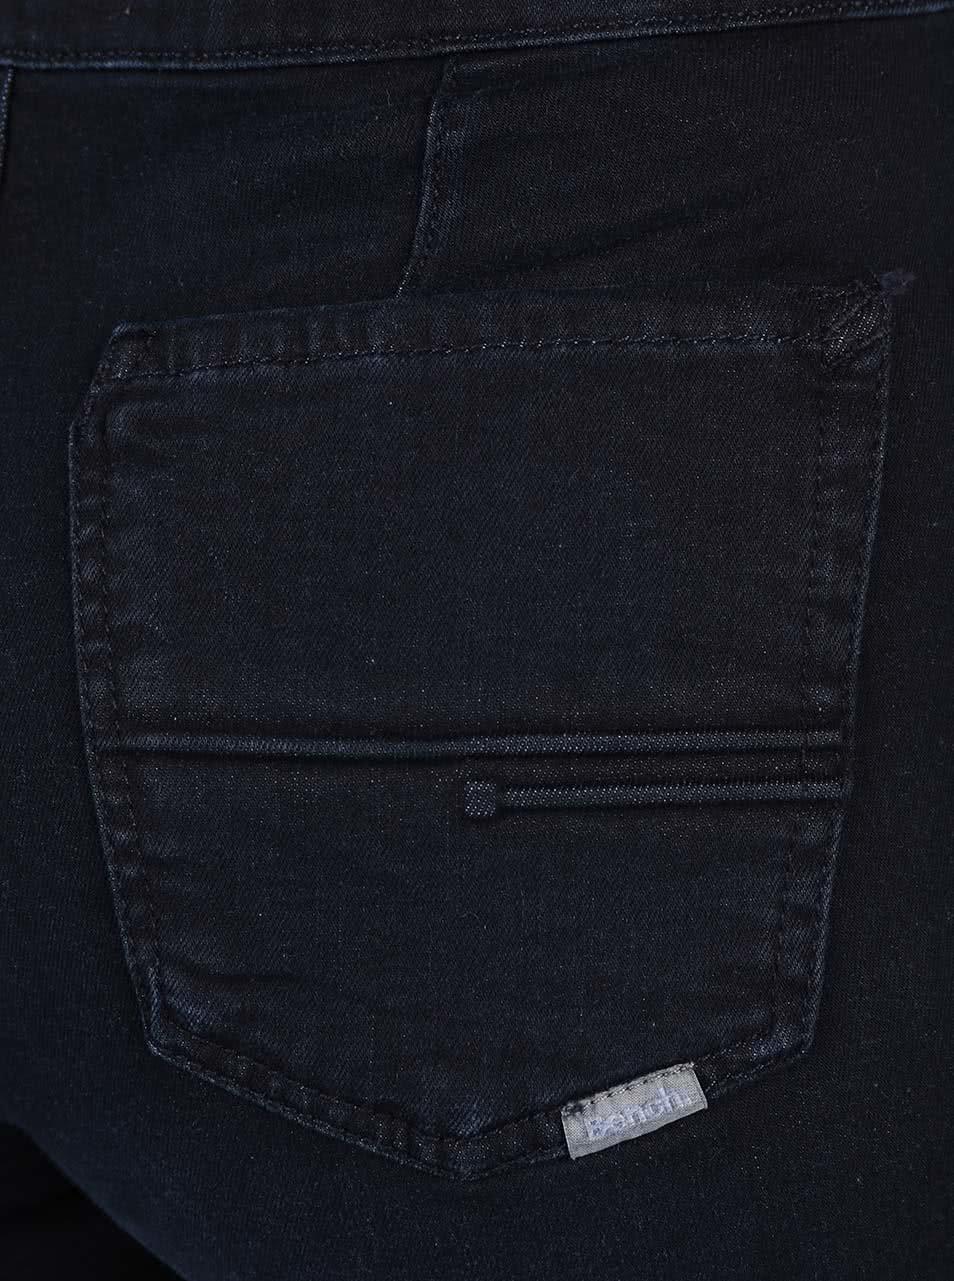 Tmavě modré dámské džíny se zipem na boku Bench ... 95b5ece4f5